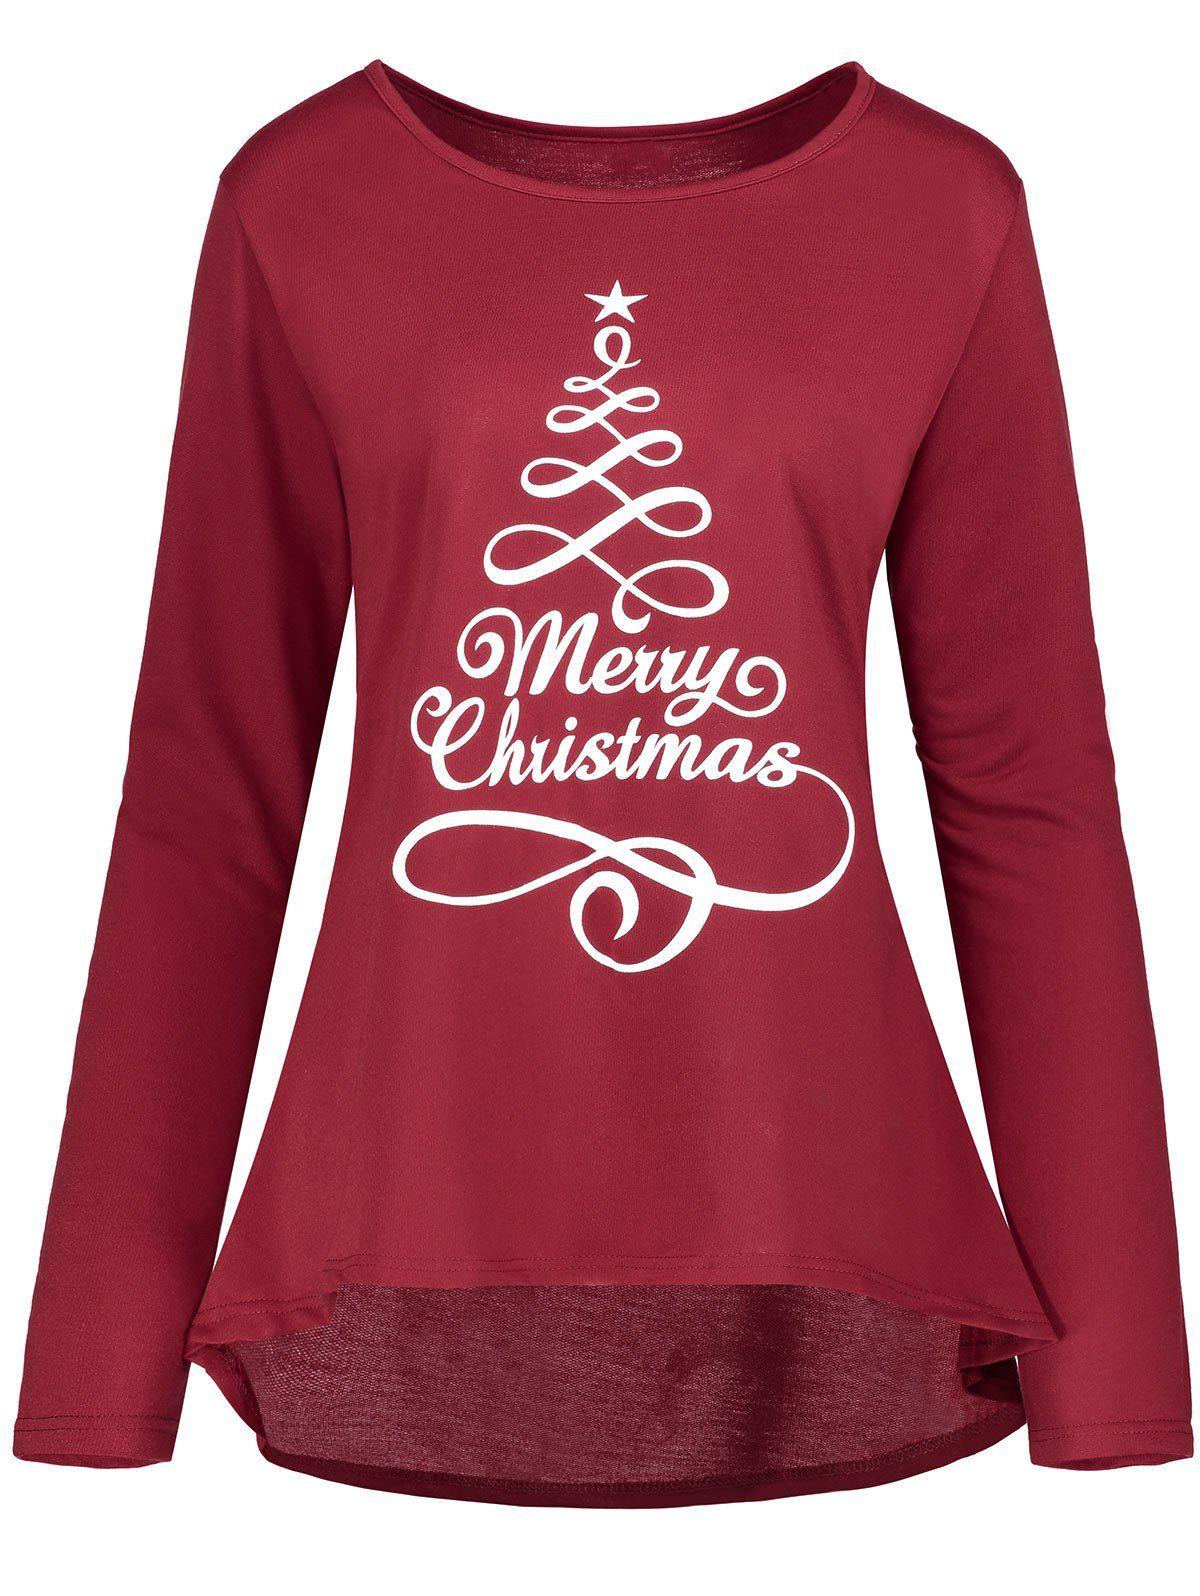 47805fd4 USD Xmas Shirts, Vinyl Shirts, Christmas Shirts, Plus Size T Shirts, Plus